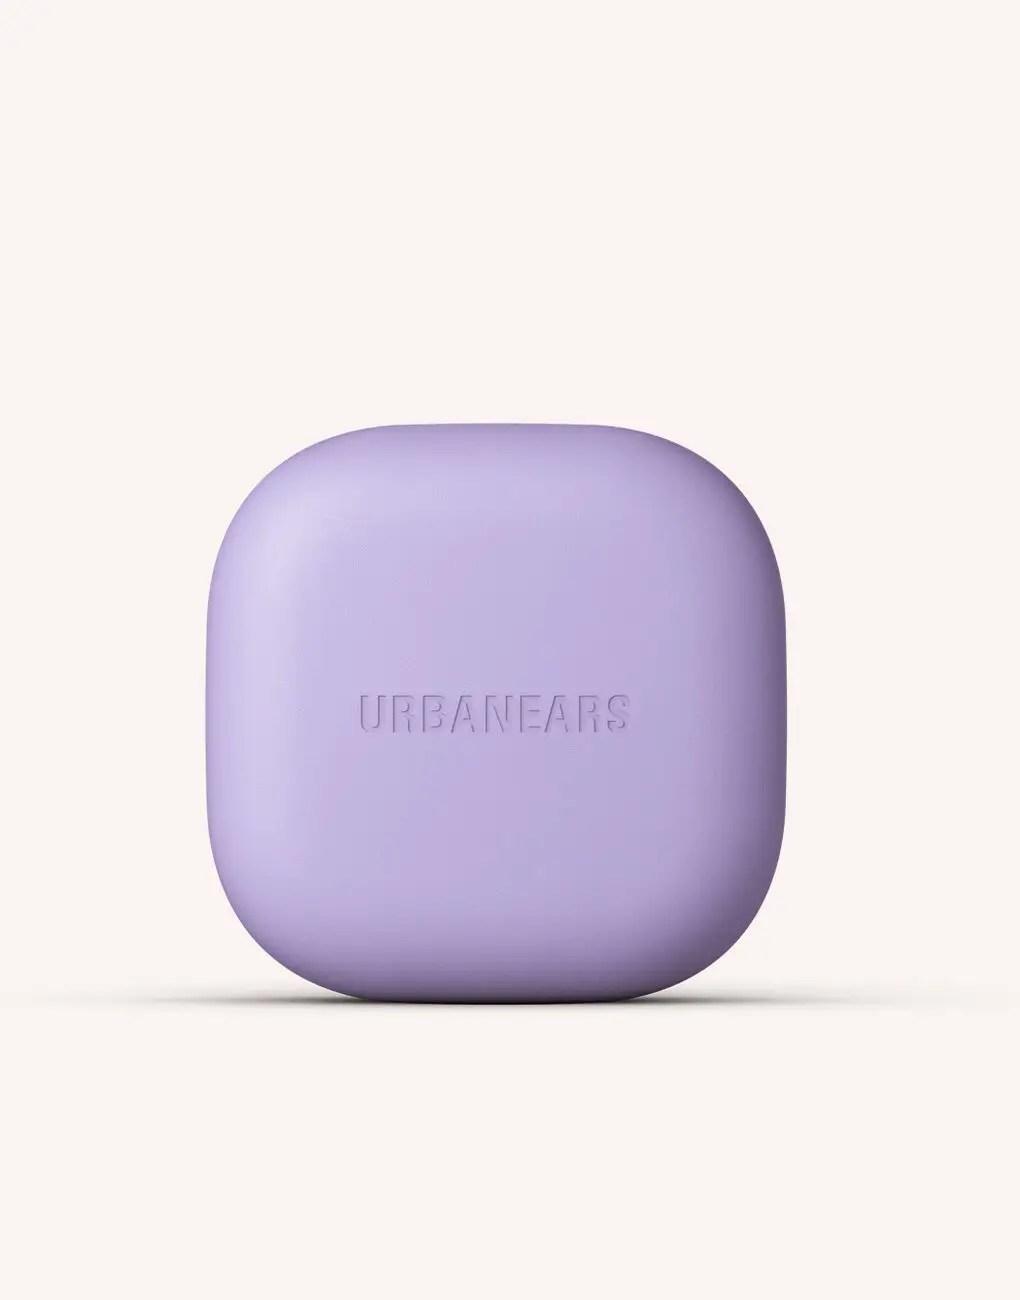 Urbanears lance ses premiers écouteurs true-wireless